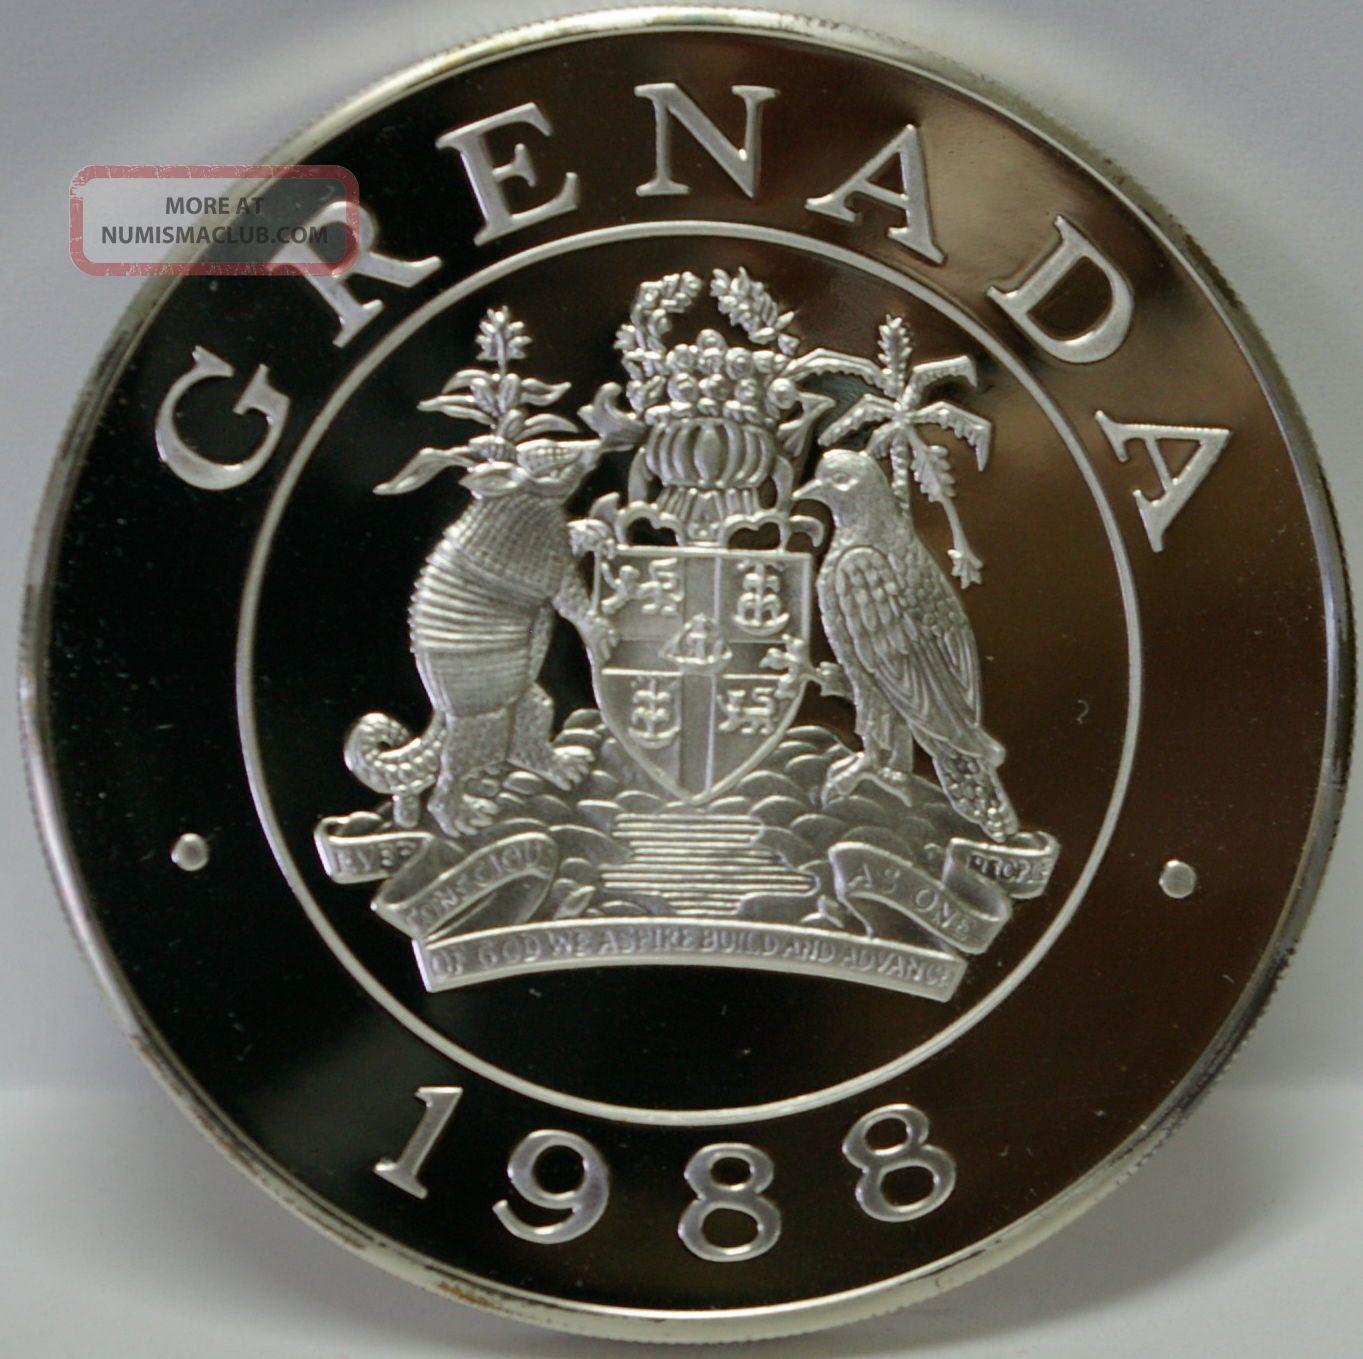 Granada 1988 100 Grenada Dove Oversize 5 Oz 0 925